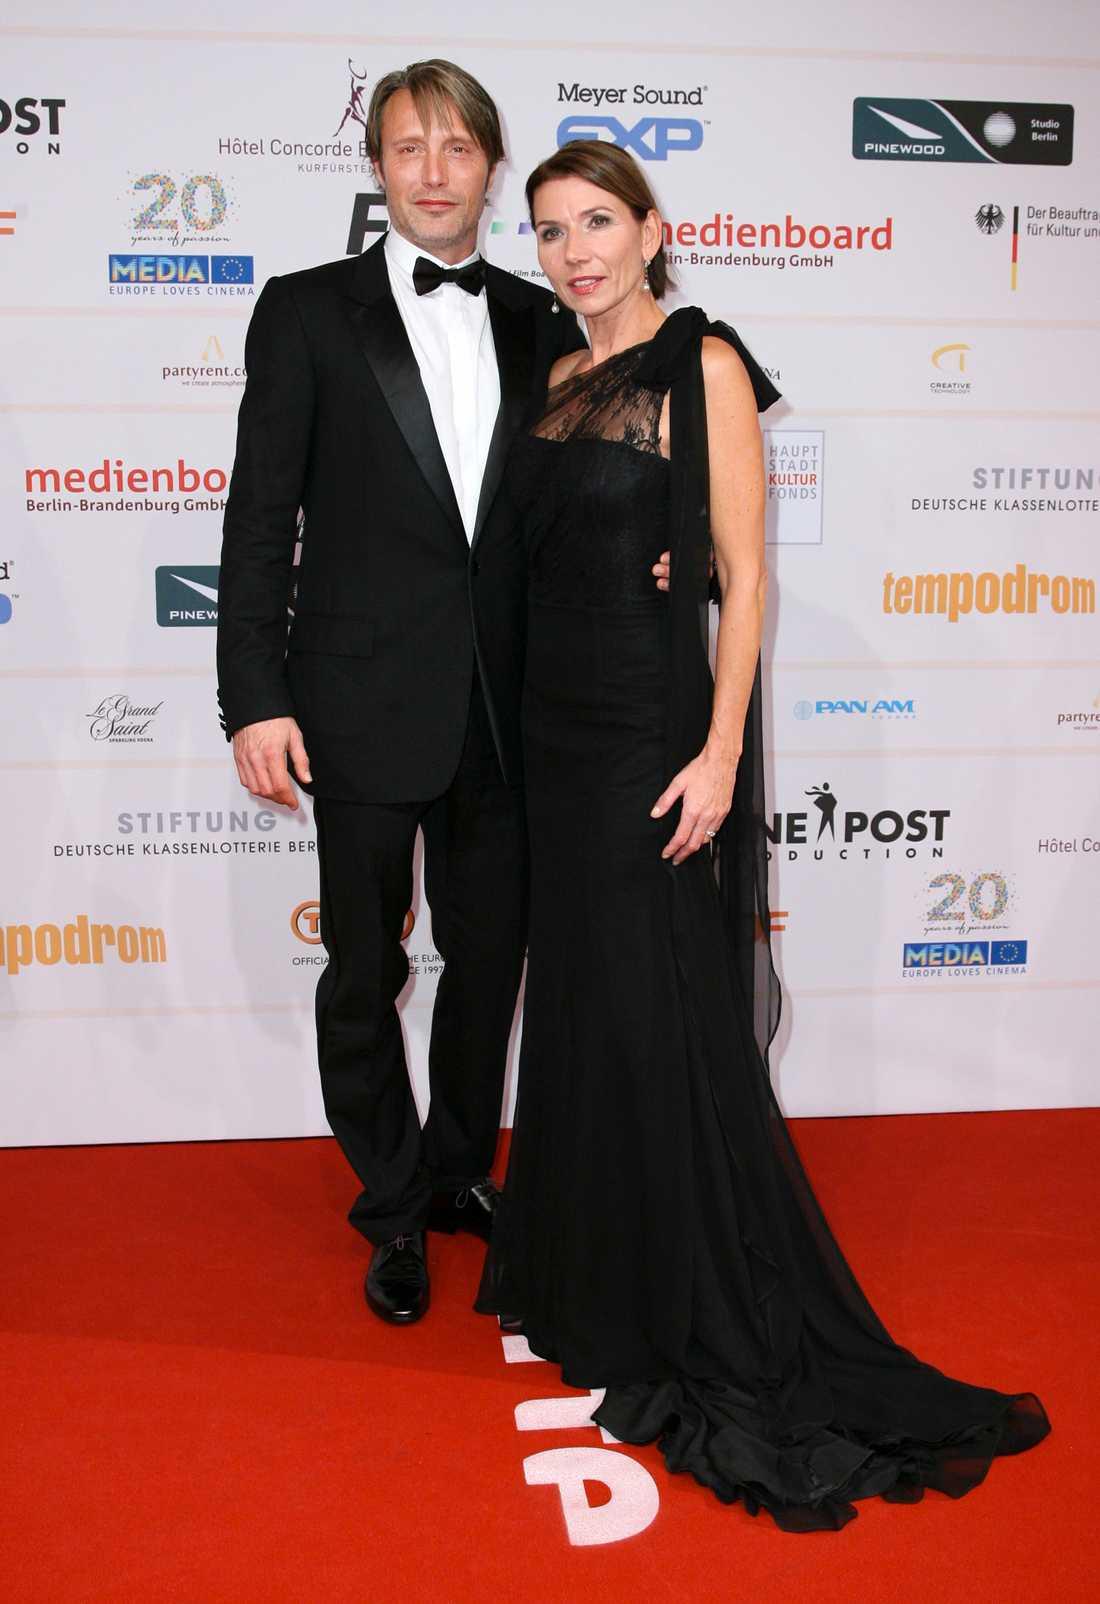 Mads Mikkelsen på filmgala i Berlin med frun Hanne Jacobsen. Mikkelsen är oklanderligt korrekt, men möjligen en smula fantasilöst, utstyrd?